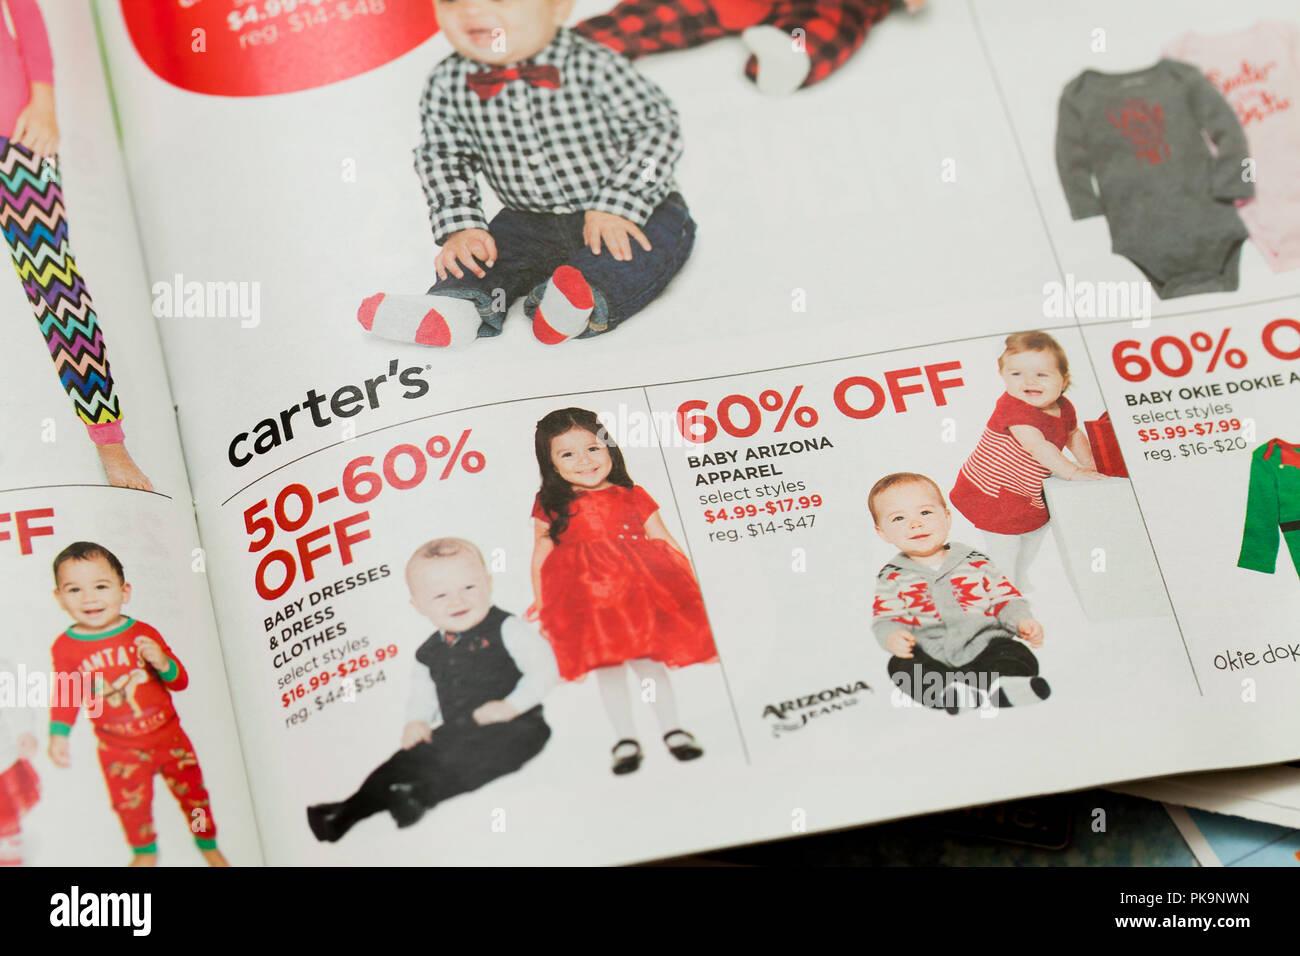 Ropa infantil publicidad semanal en mailer ad - EE.UU. Imagen De Stock